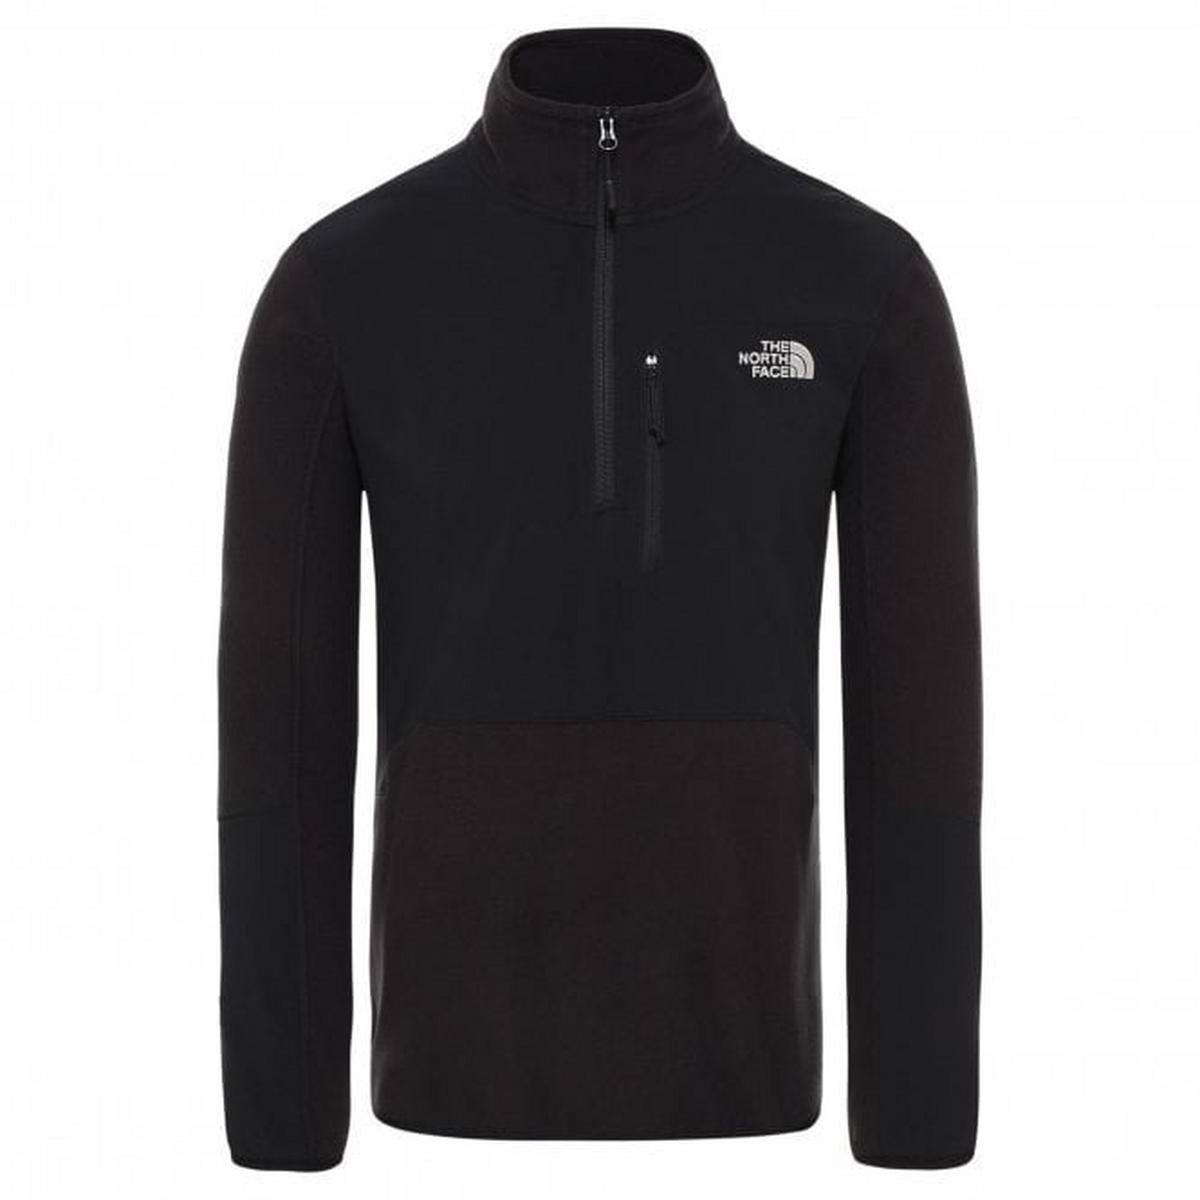 The North Face Men's Glacier Pro 1/4 Zip Fleece - Black